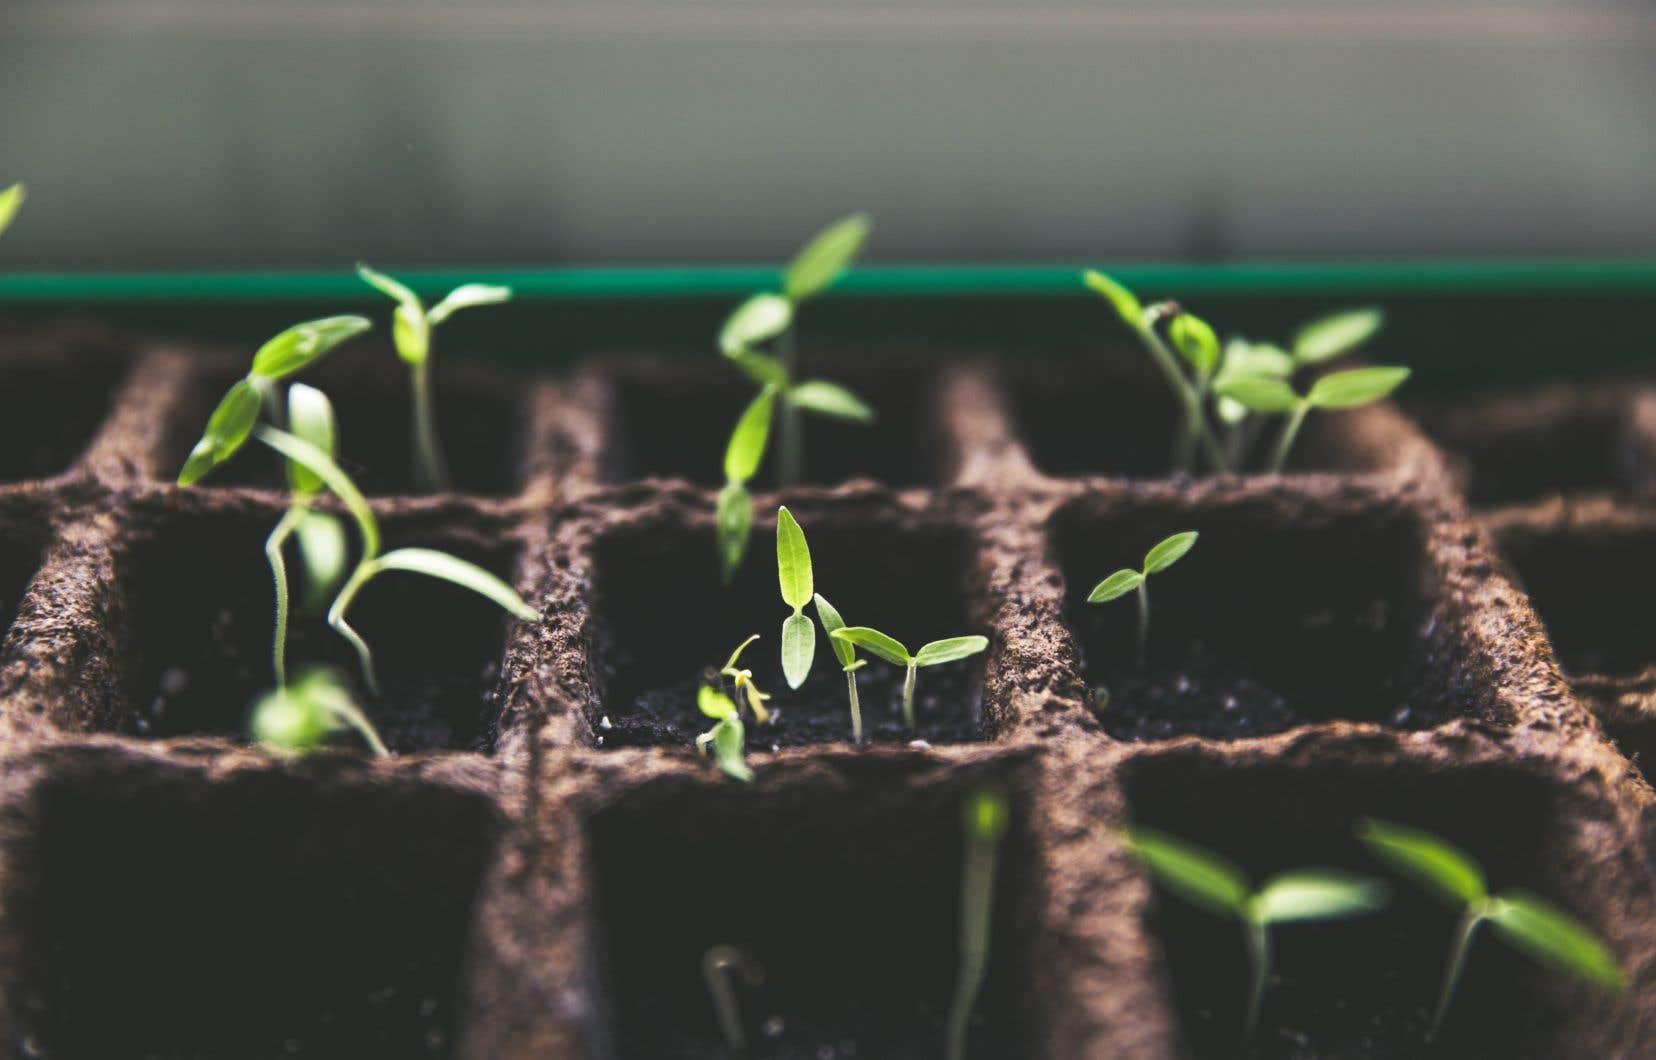 Pour mettre en train vos semis de tomates, vous pouvez utiliser des contenants en multicellules ou des contenants que vous avez déjà à la maison.